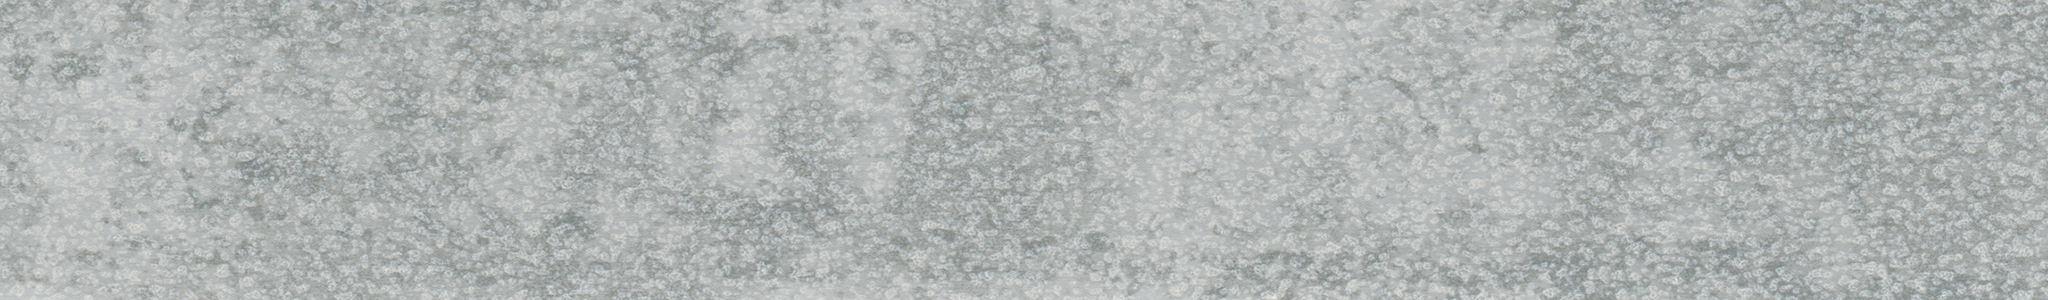 HD 293274 ABS Kante Dekor Hell Beton glatt